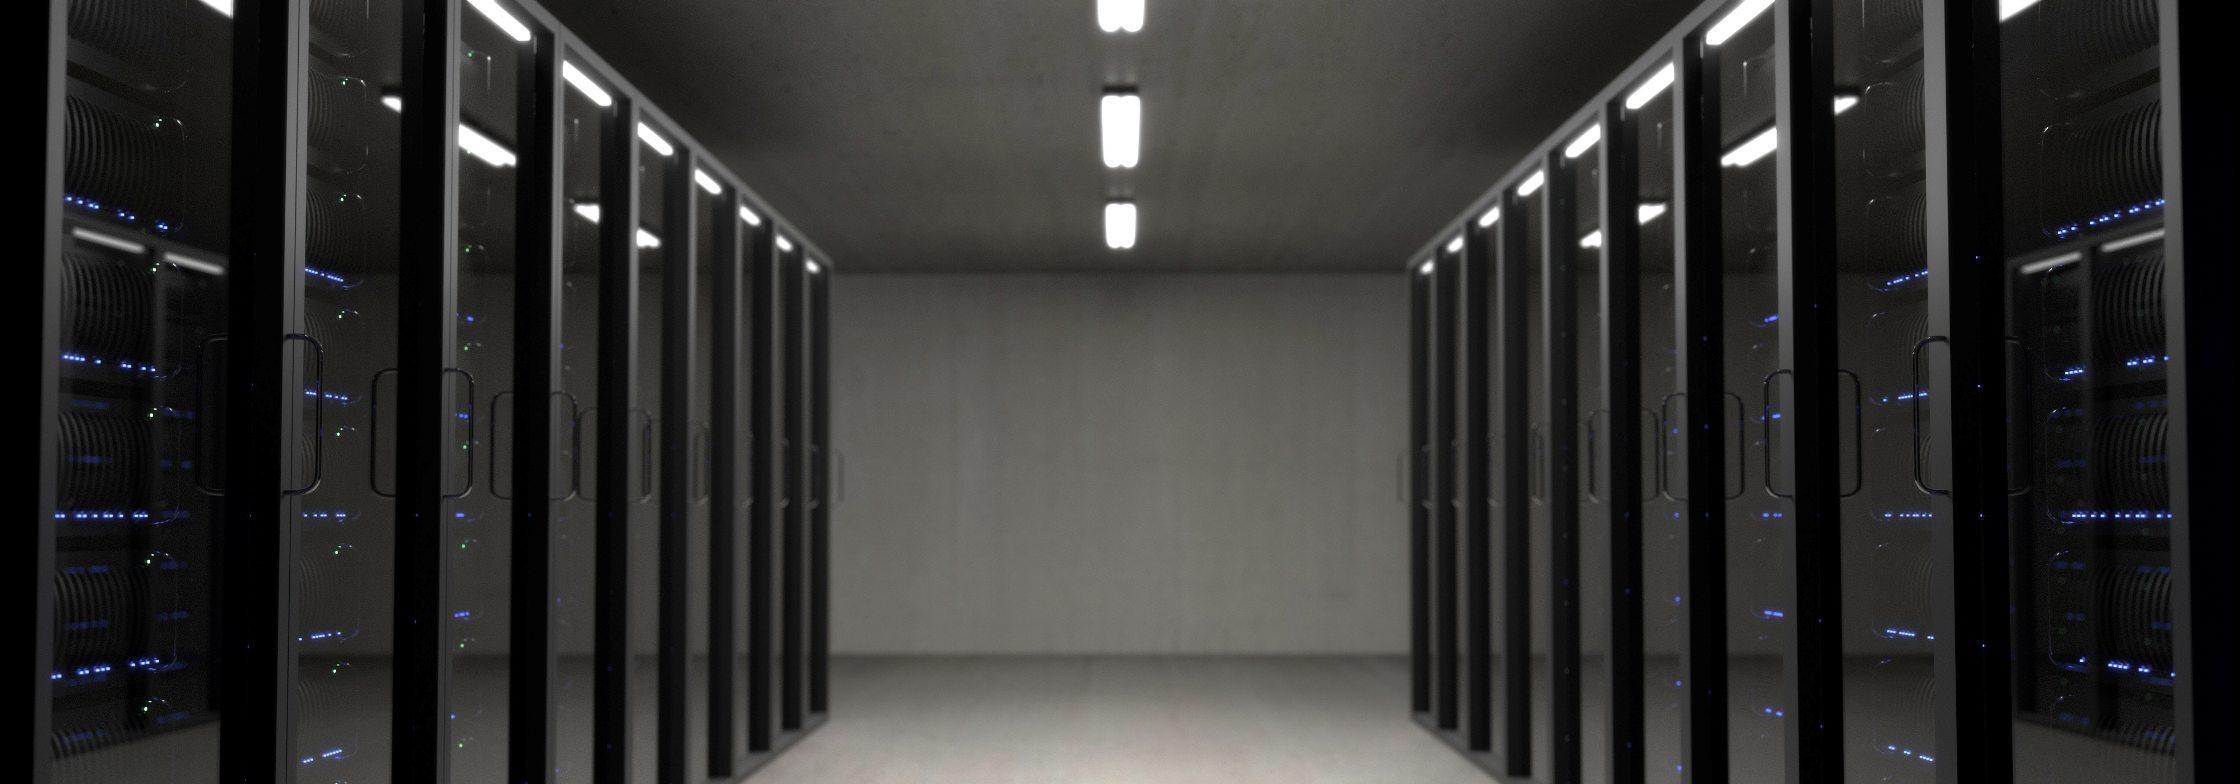 Održavanje IT sistema - ByteLite